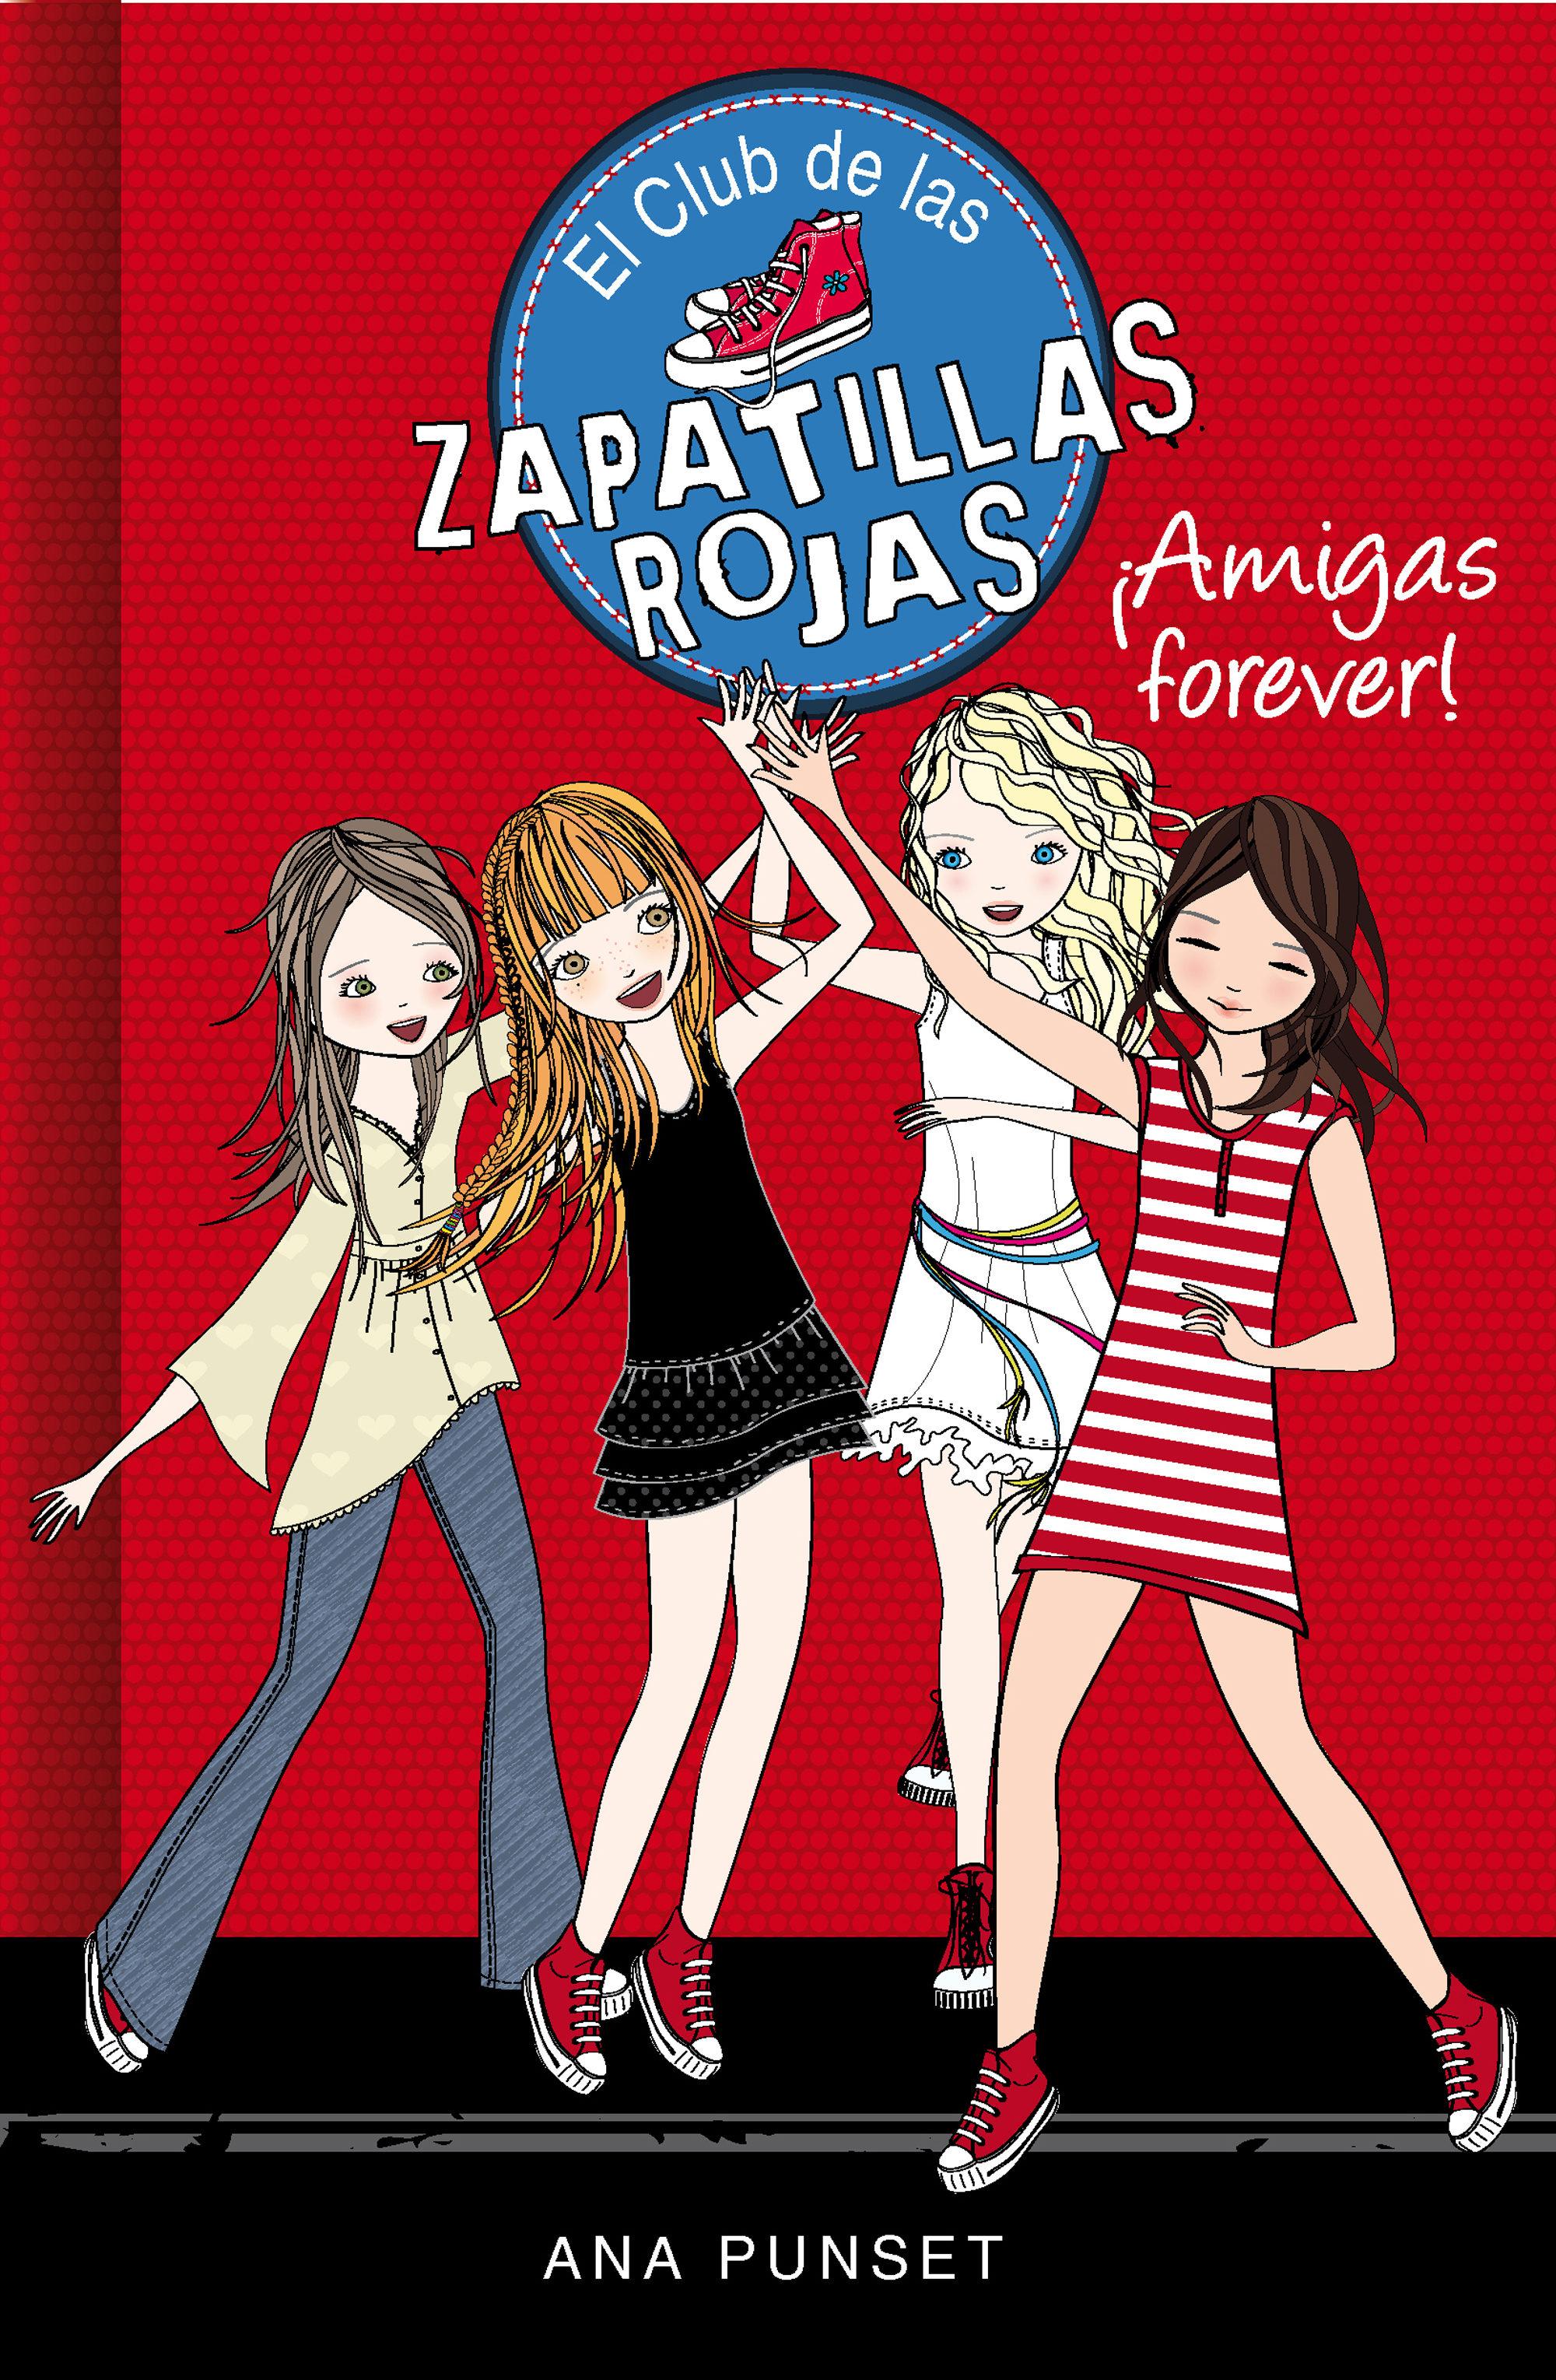 (Serie El Club De Las Zapatillas Rojas 2) (ebook) · Ebooks · El Corte Inglés